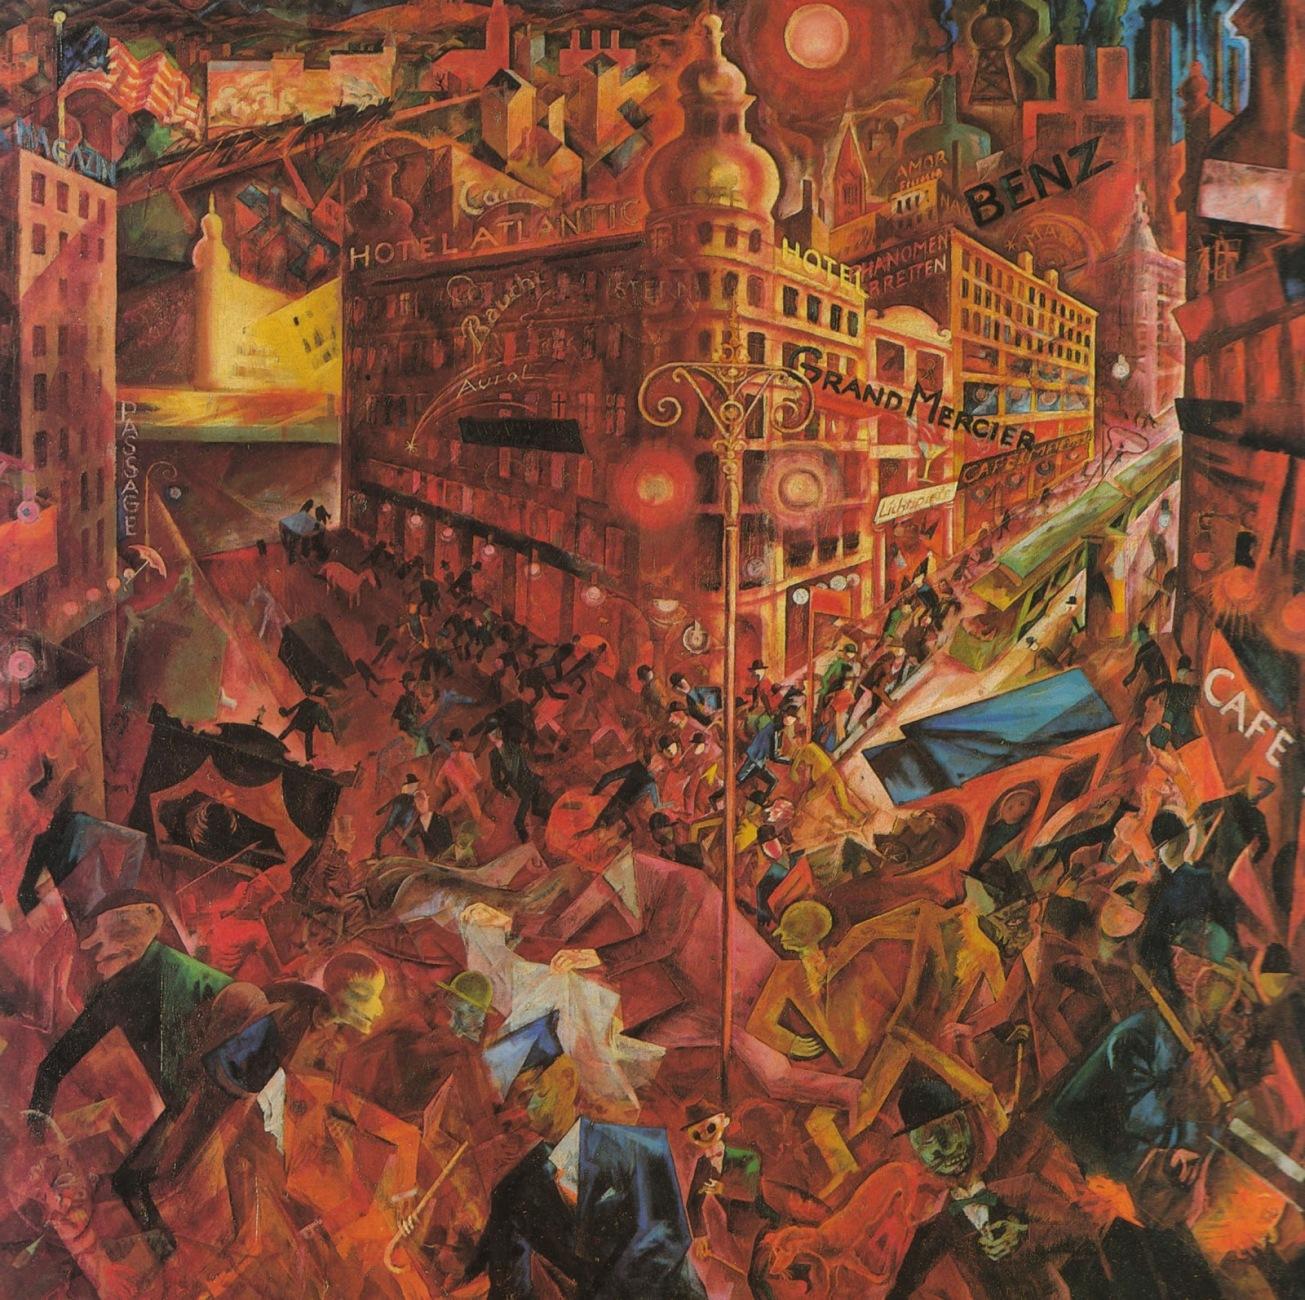 Georg_Grosz_la_grande_ville_1917 Métropolis 1917 vision menaçante de la ville